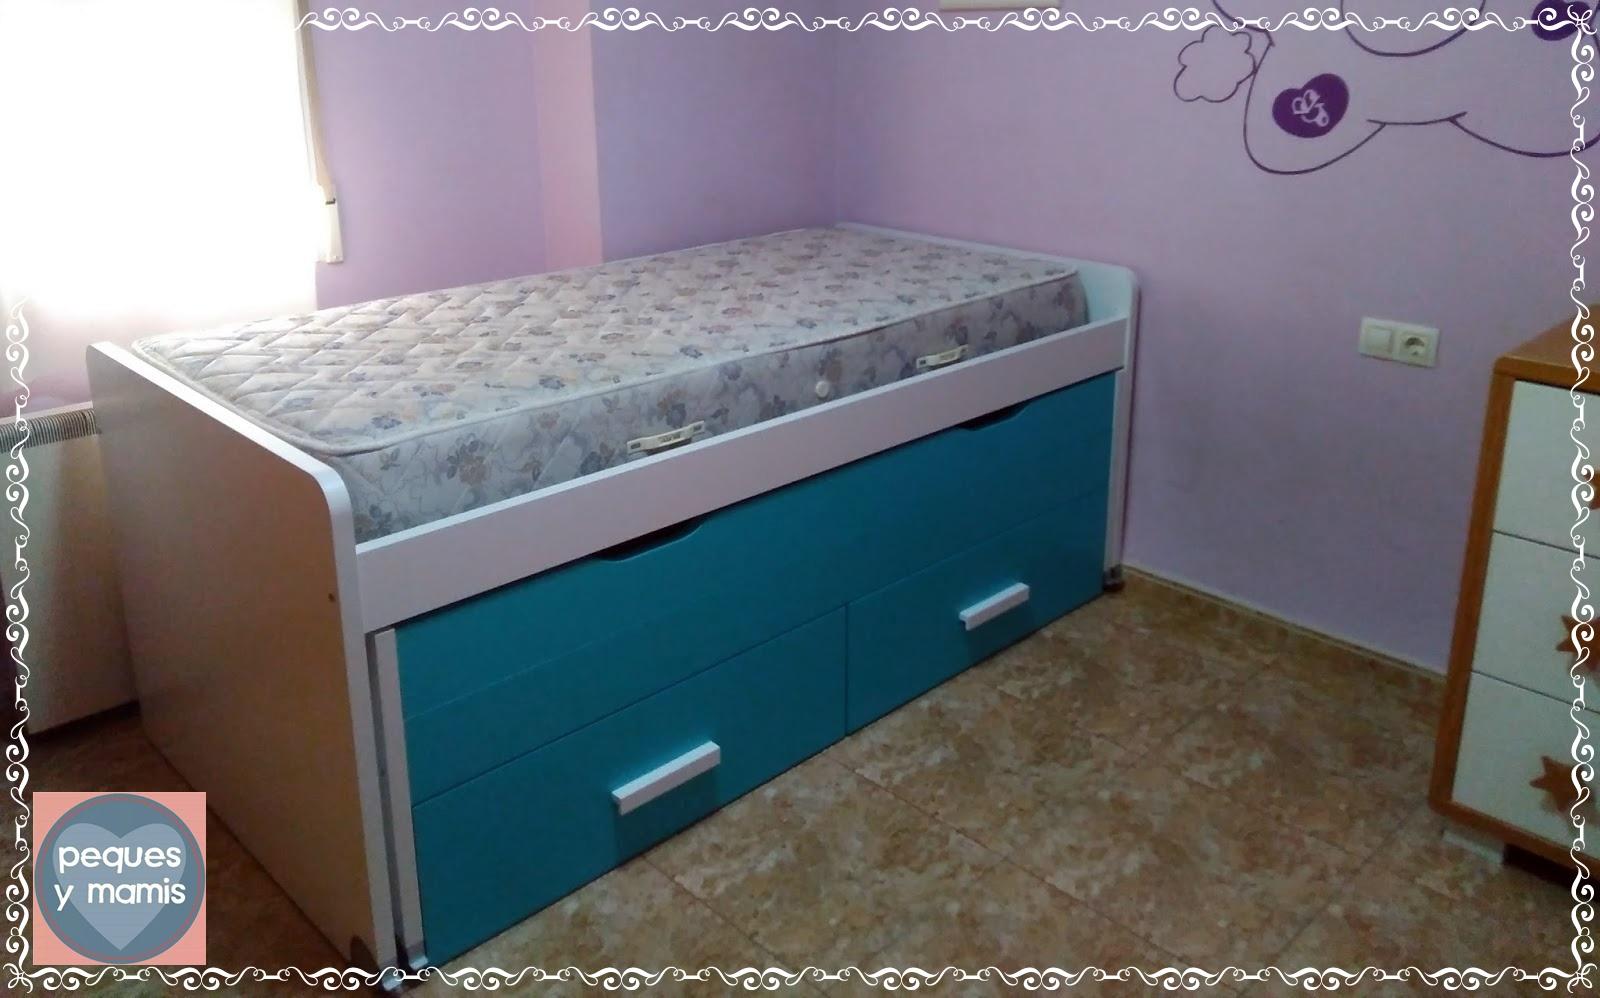 Pequesymamis cama compacta para ni os de muebles miguel for Muebles miguel